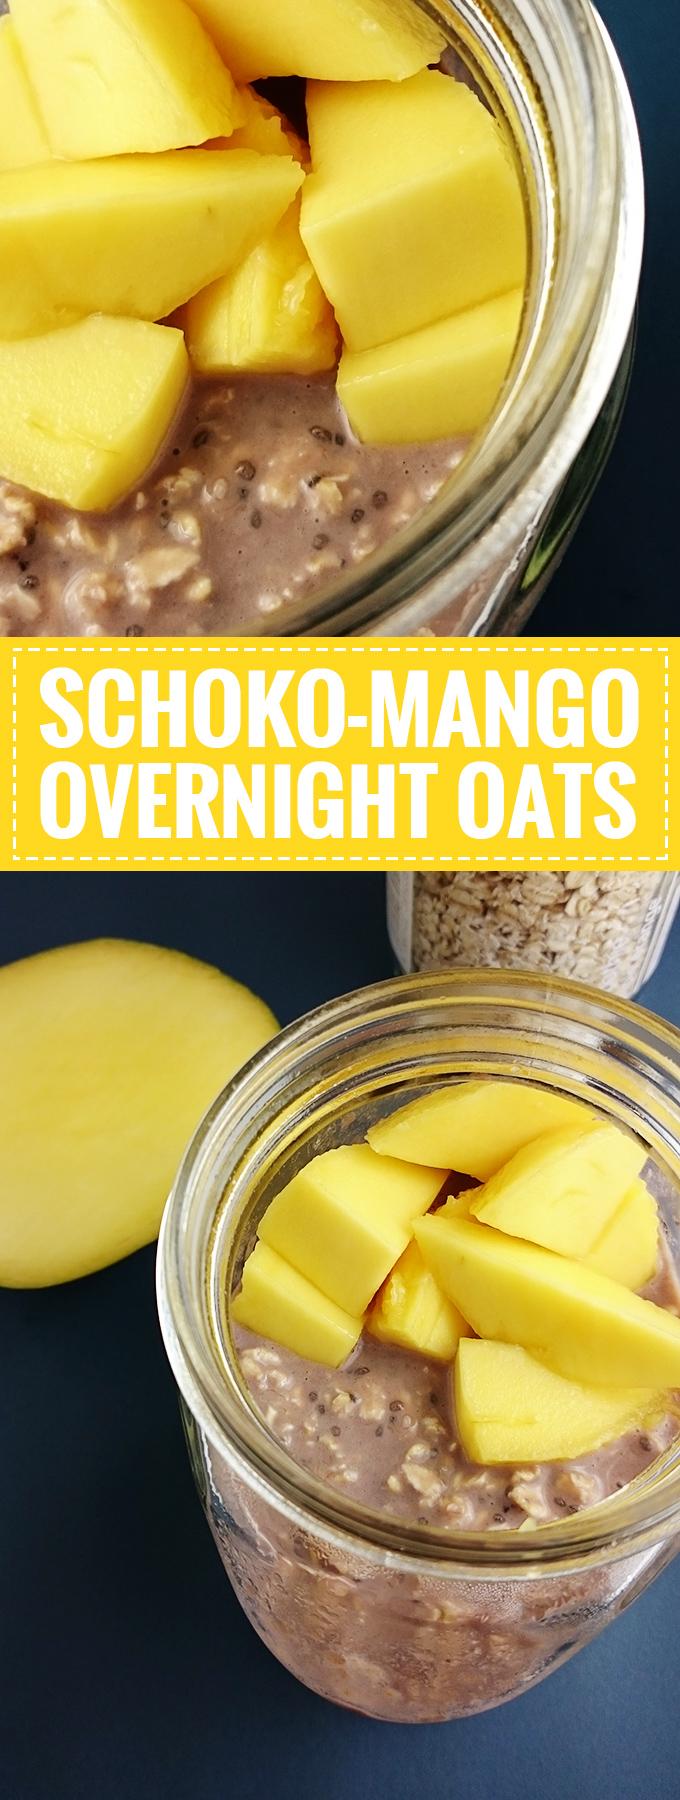 Schoko-Mango Overnight Oats // Gesund und macht Pappsatt! // Knabberkult.de